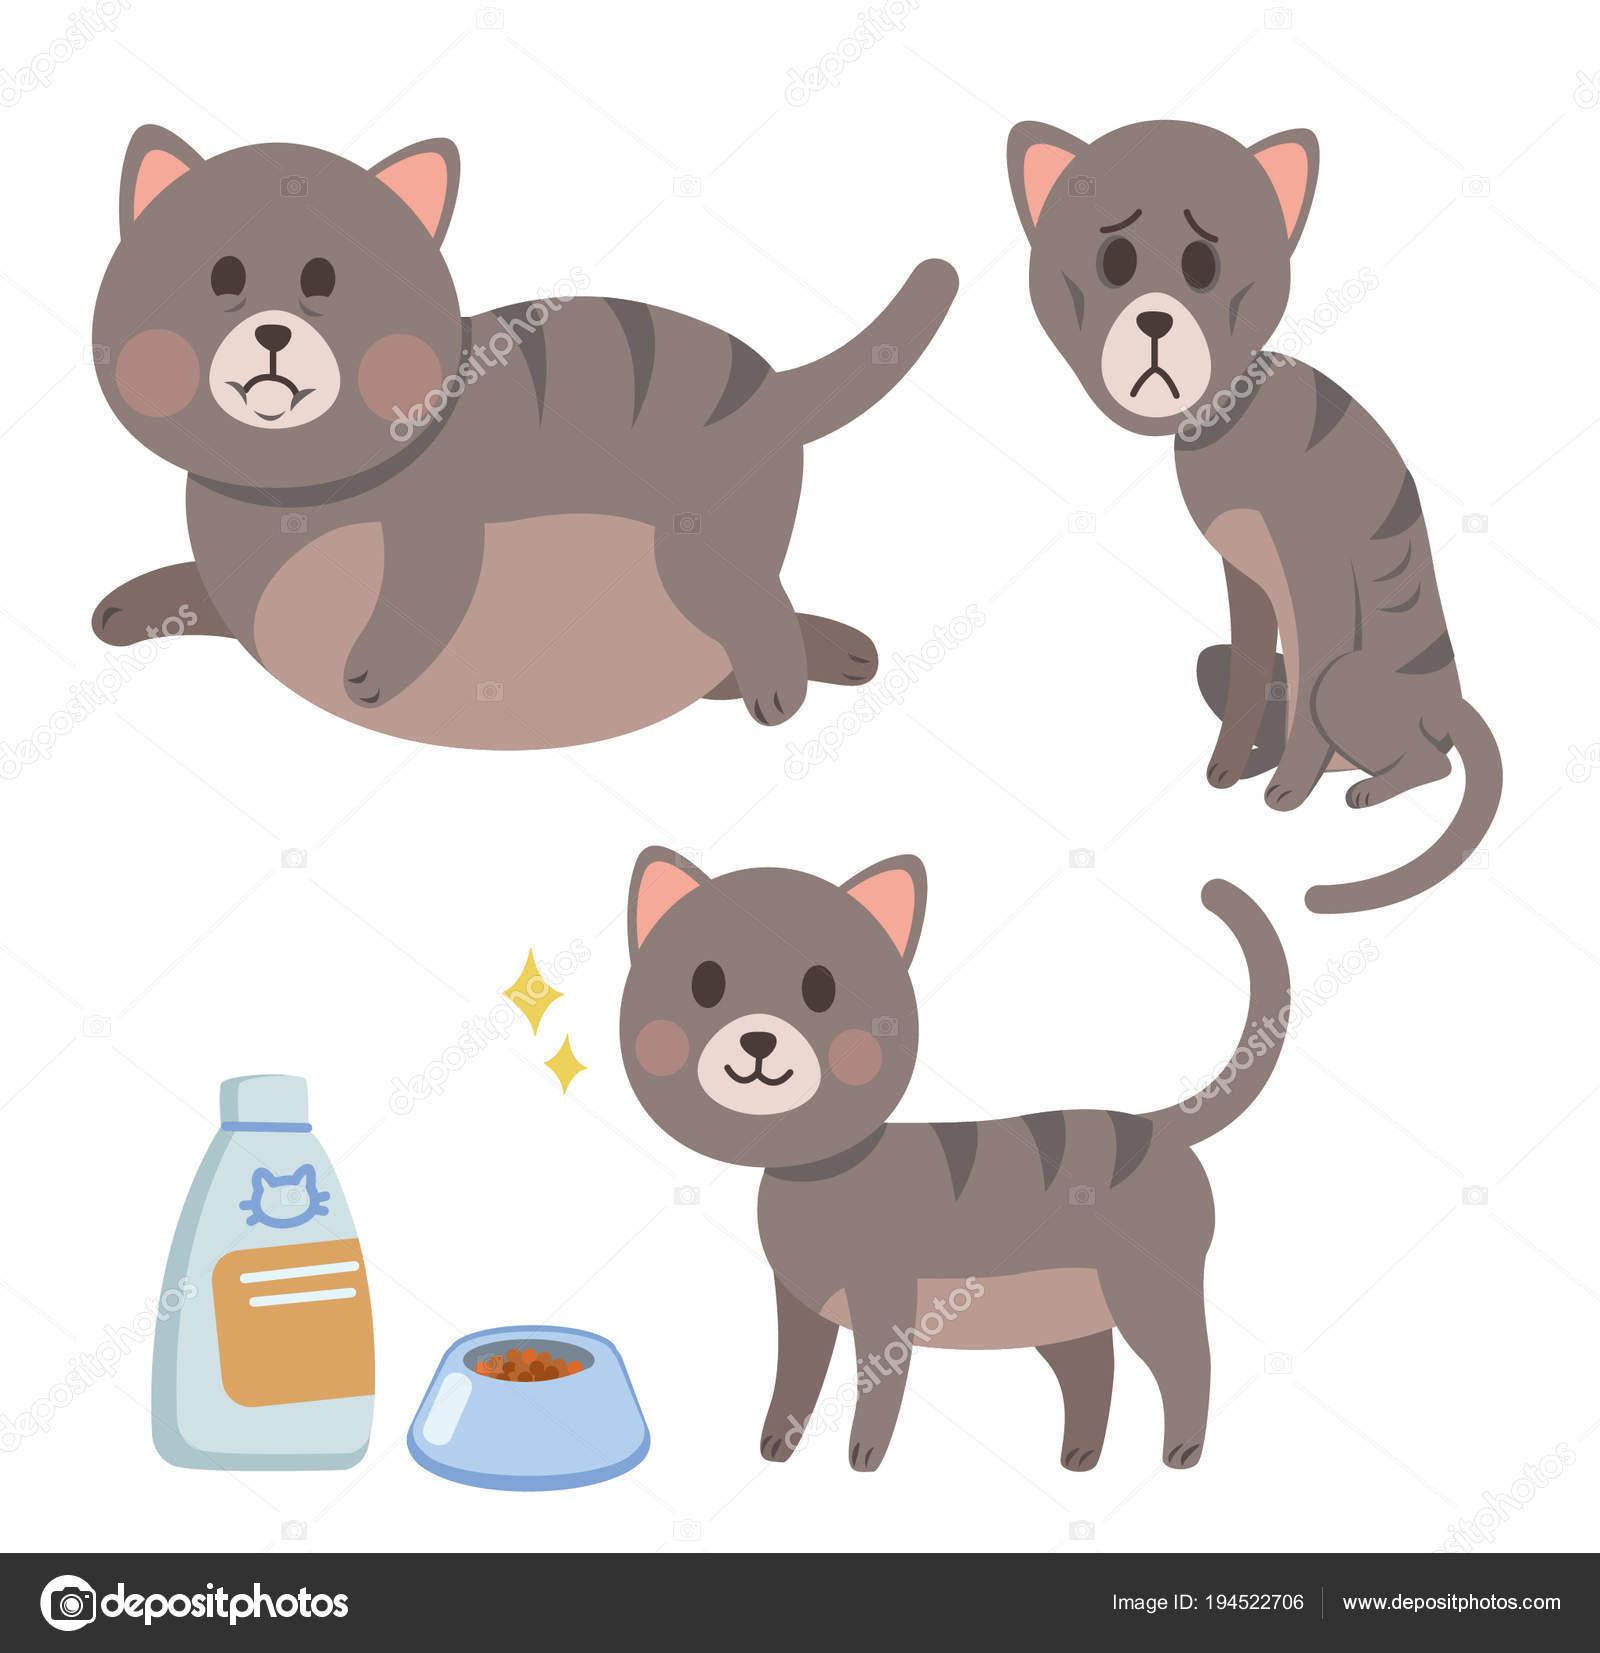 Animado Gato Flaco Problemas Con Peso Del Conjunto Los